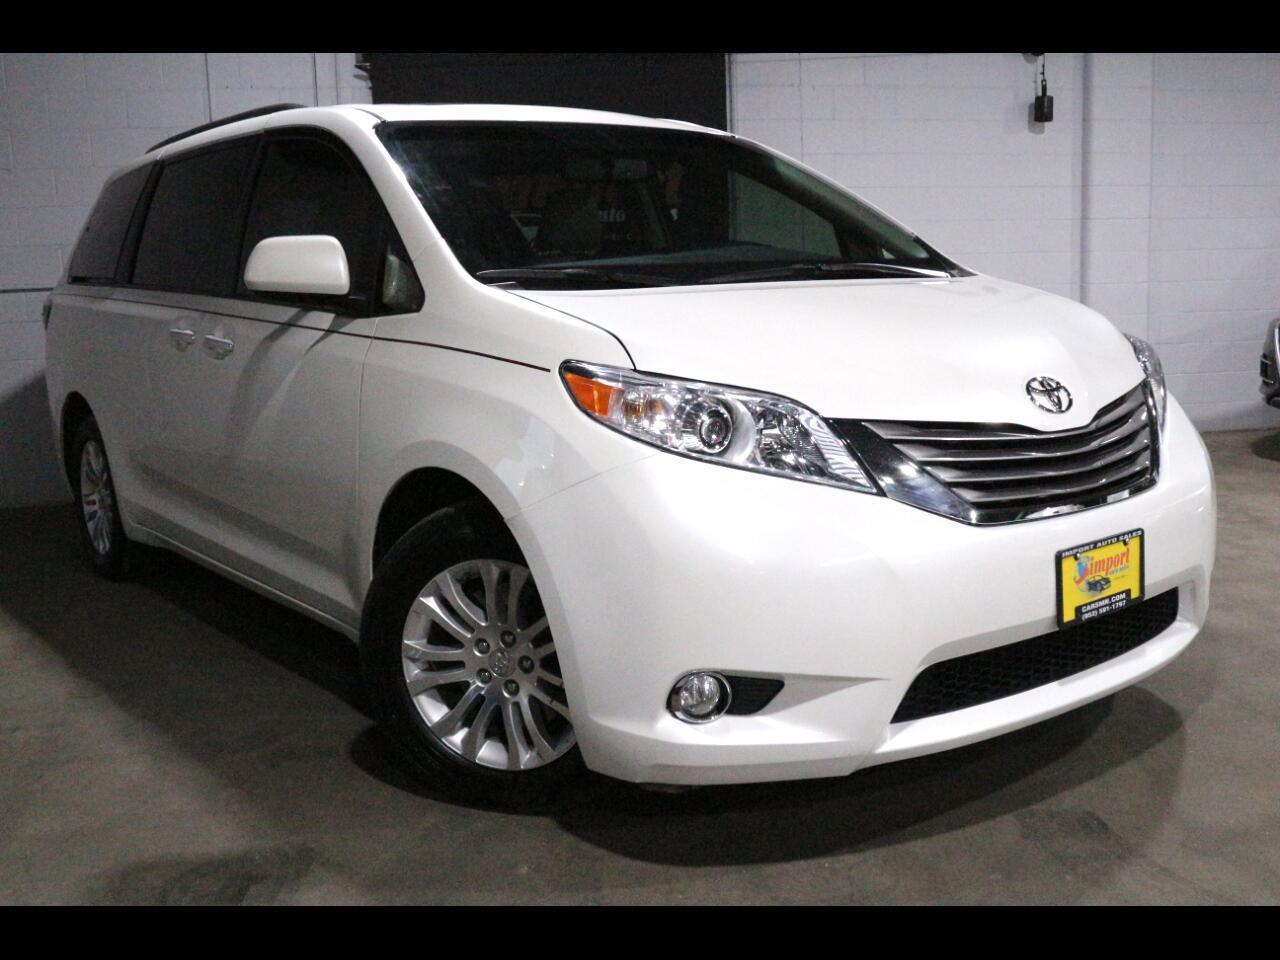 2017 Toyota Sienna XLE FWD 8-Passenger (Natl)